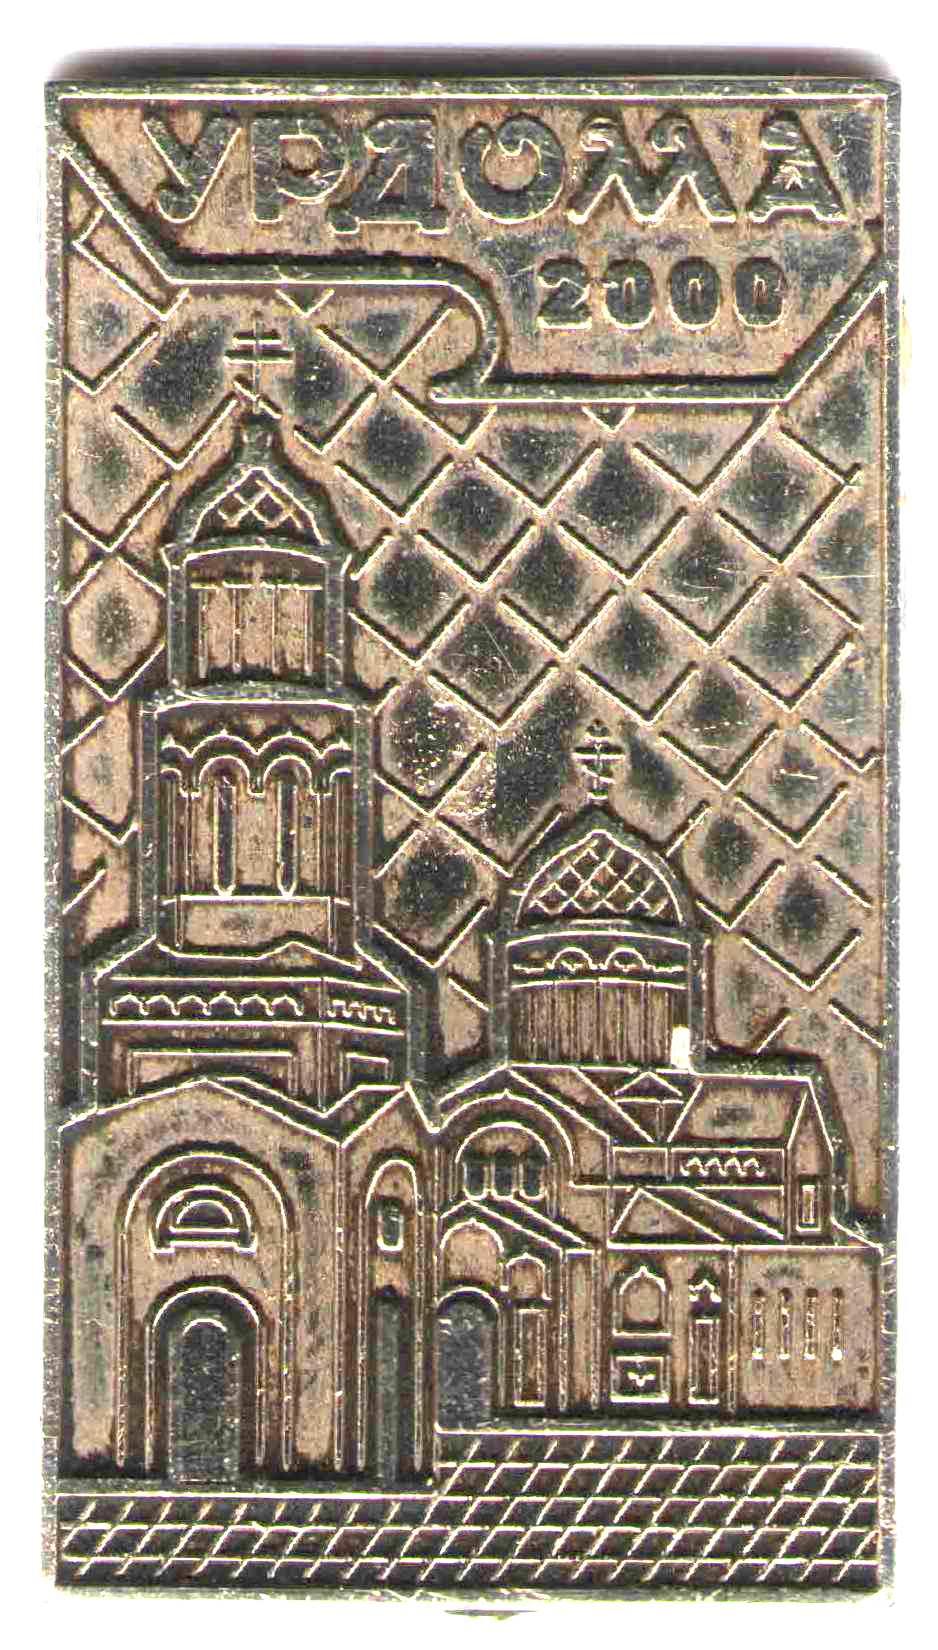 Значок День Урдомы-2000. Образ церкви.